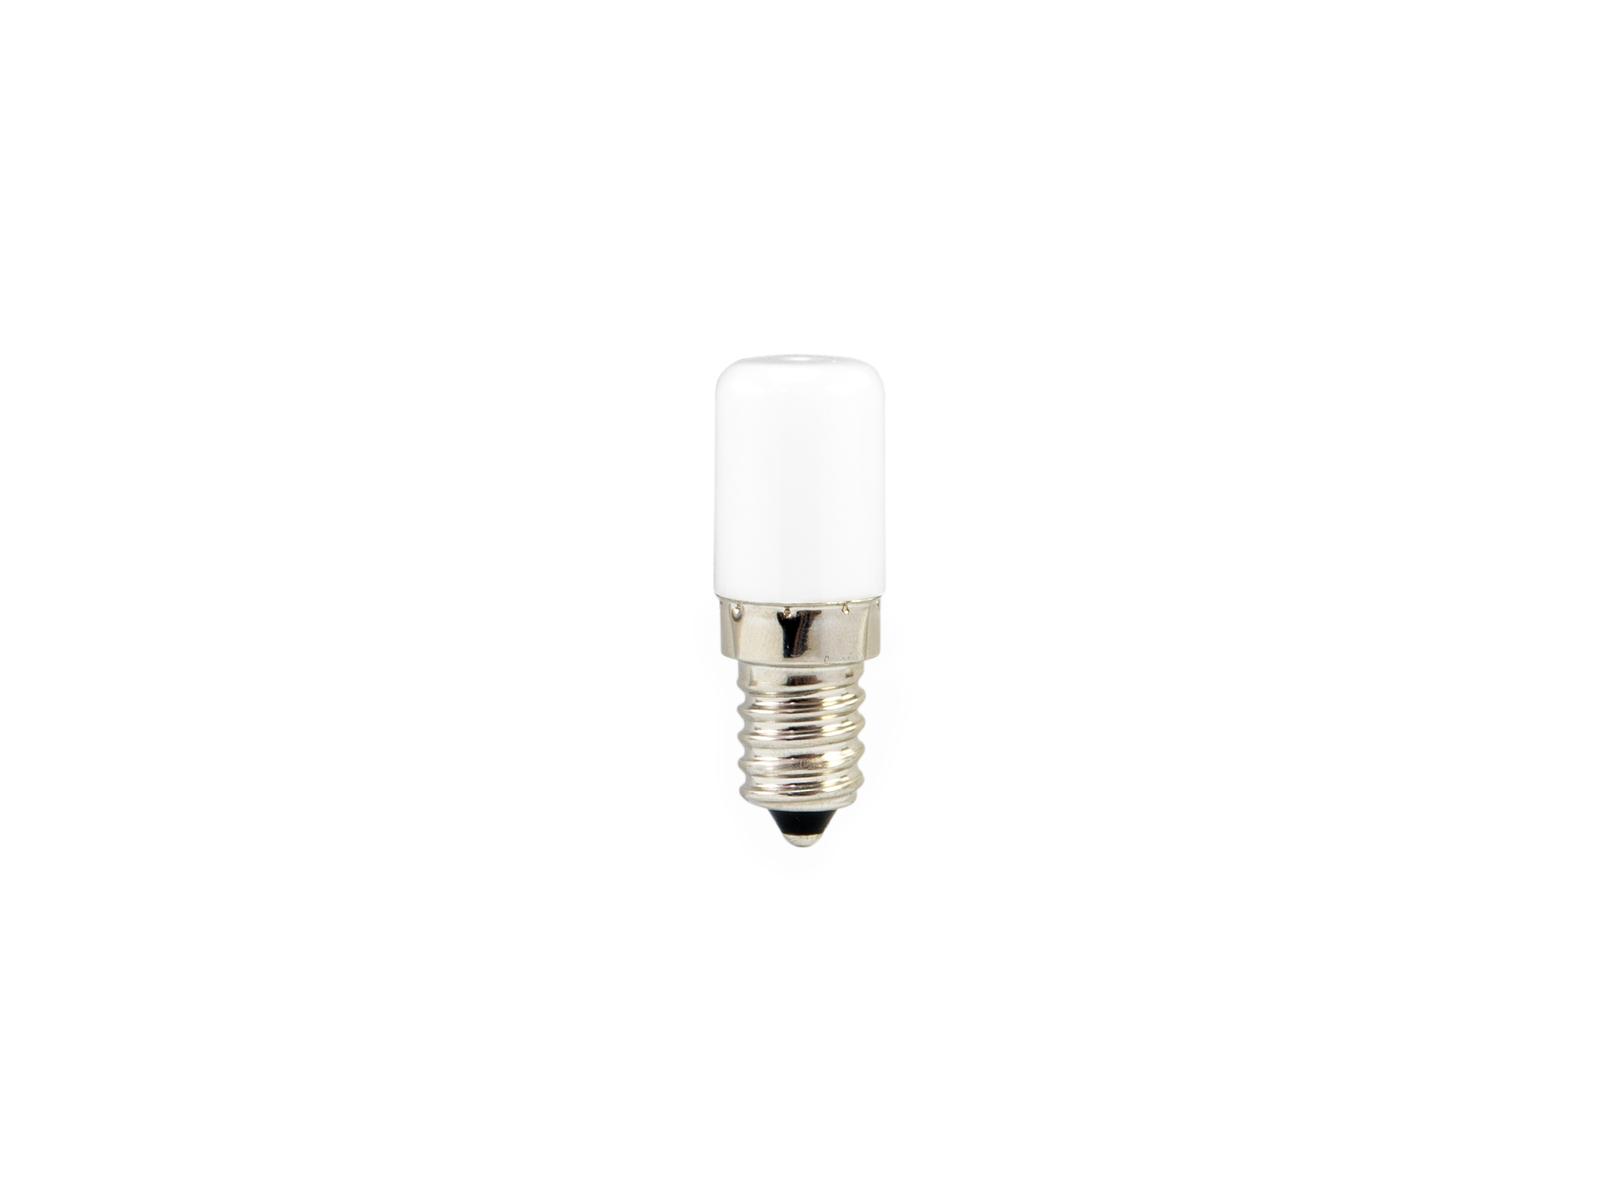 OMNILUX LED Mini Lampada 230V E-14 blu